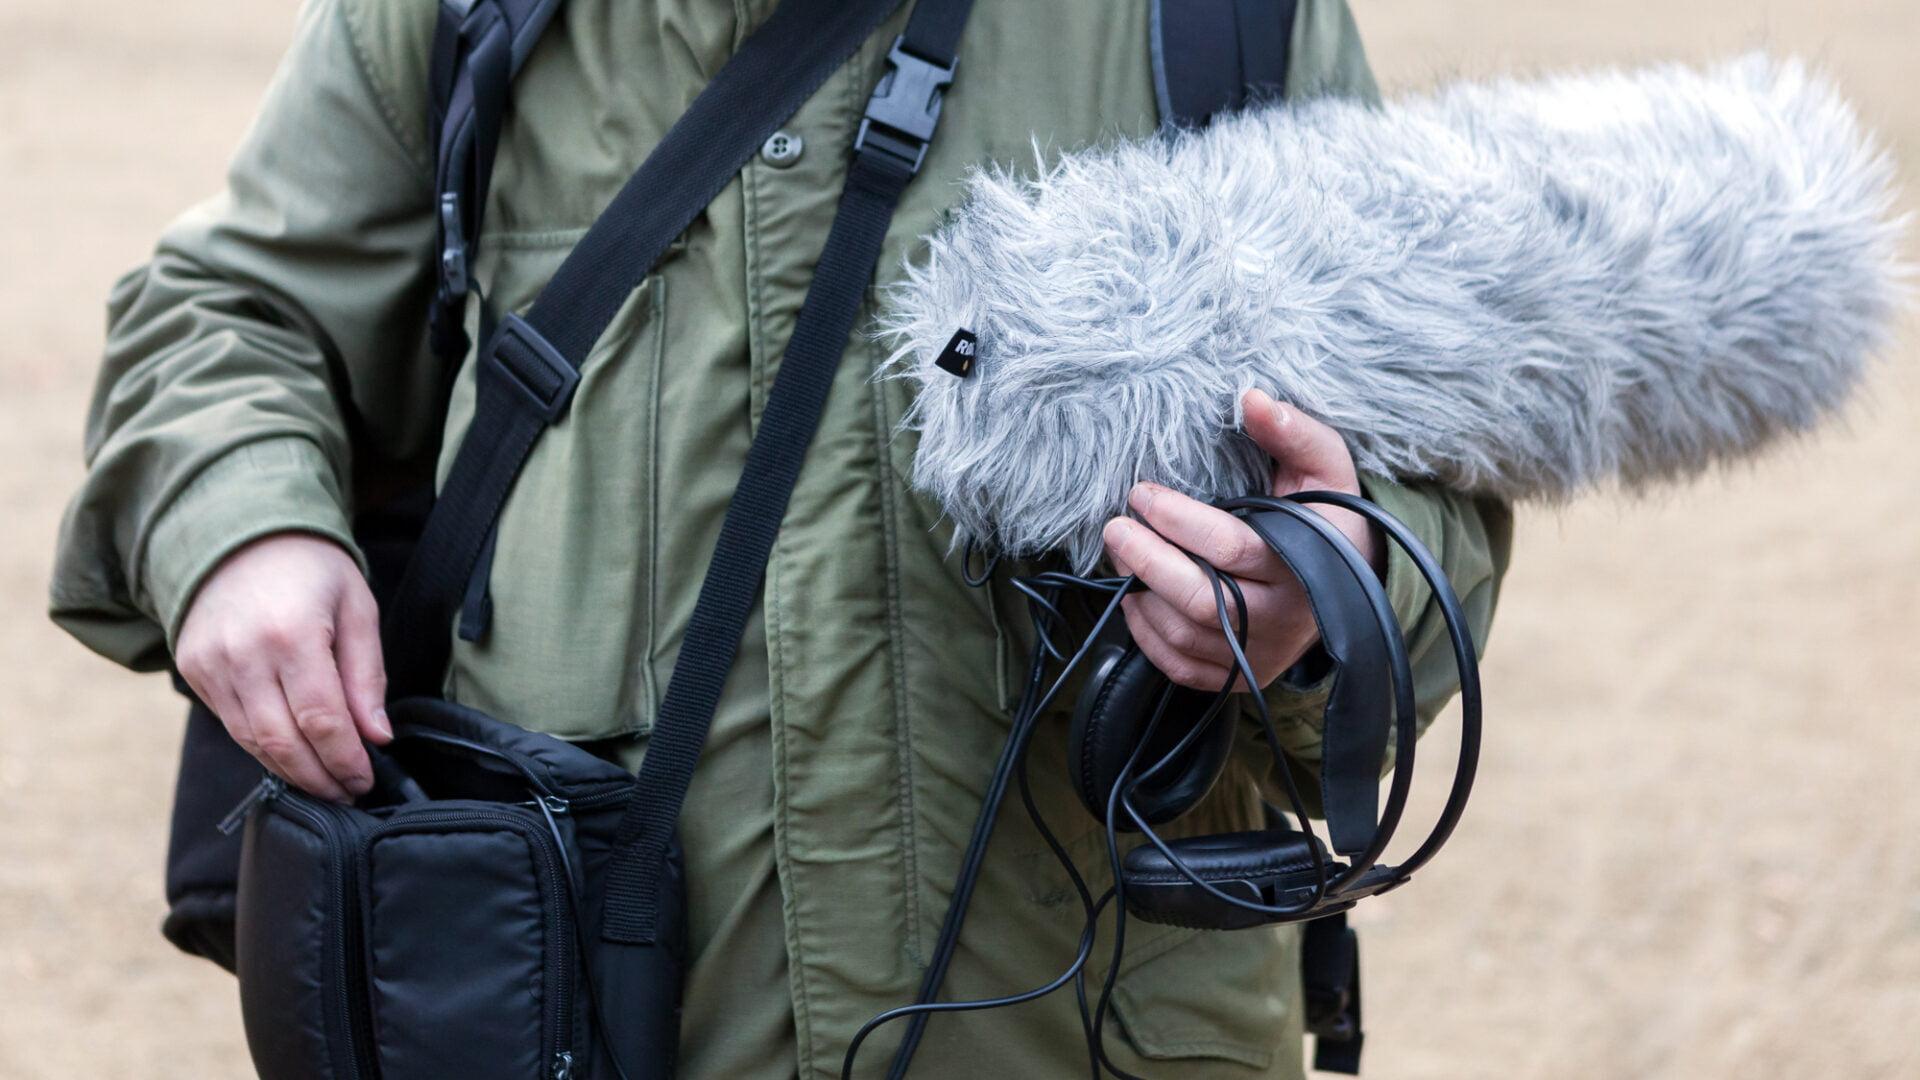 Osoba z zieloną kurtką ma czarną torbę oraz trzyma mikrofon i słuchawki.